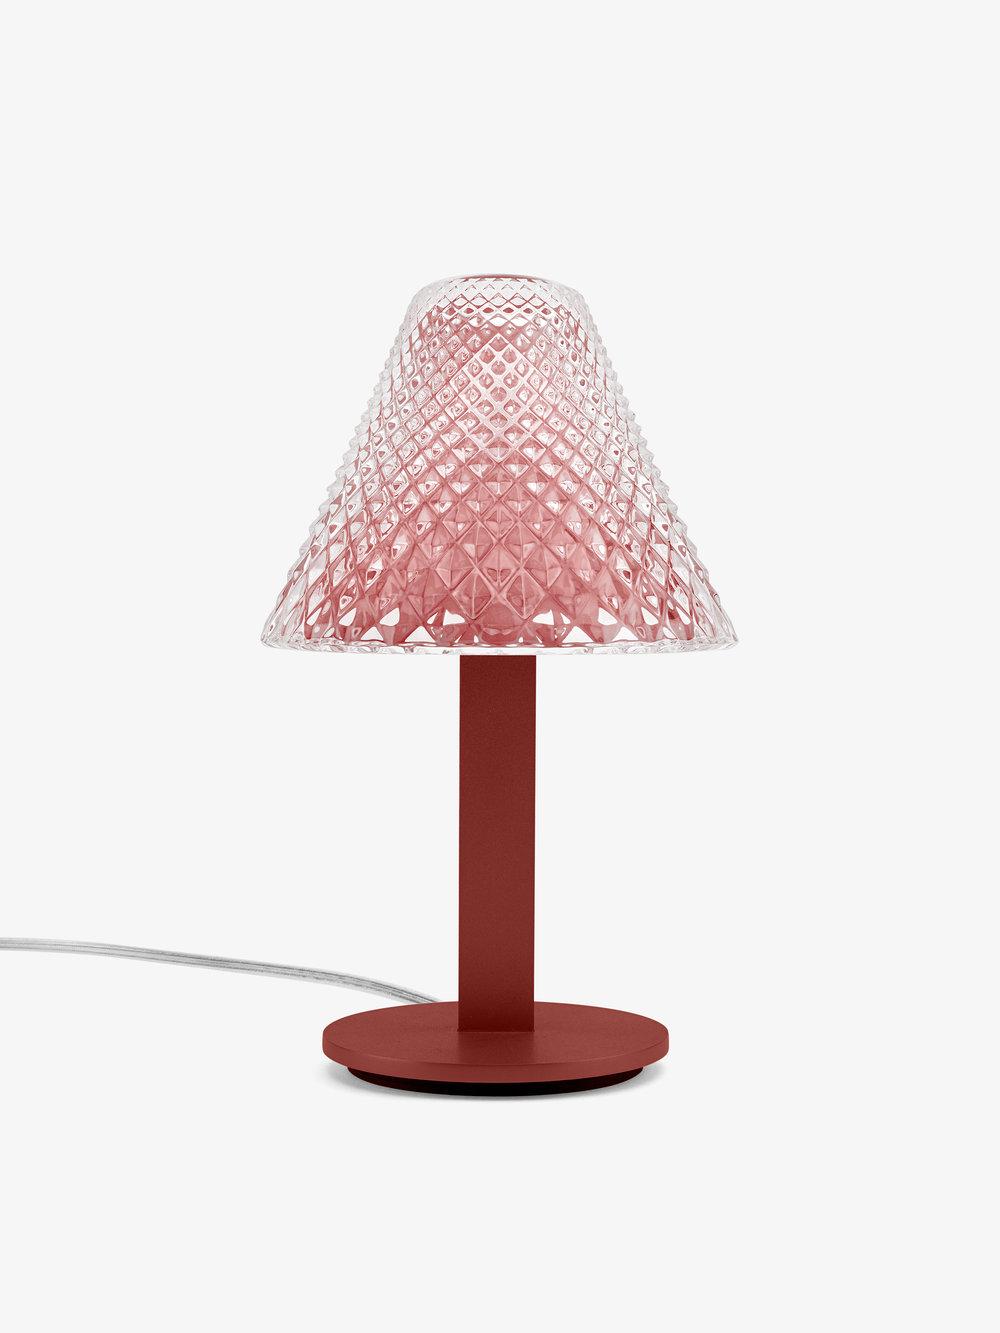 lampe pied 1 rouge-PLAT.jpg